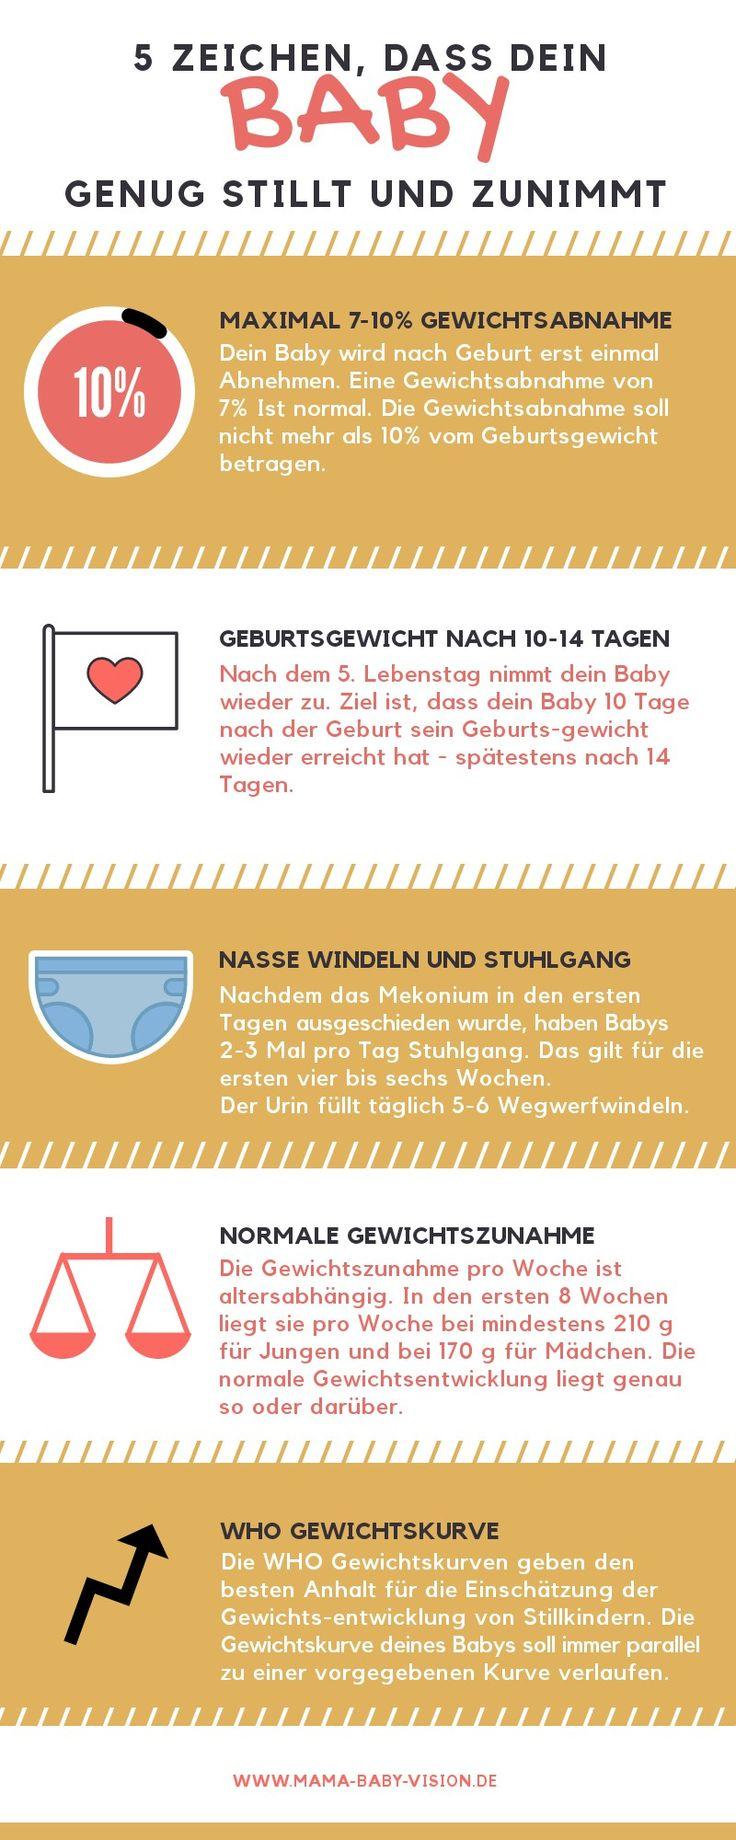 Ausgezeichnet Beste Buchhaltung Nimmt 2015 Wieder Auf Ideen - Entry ...